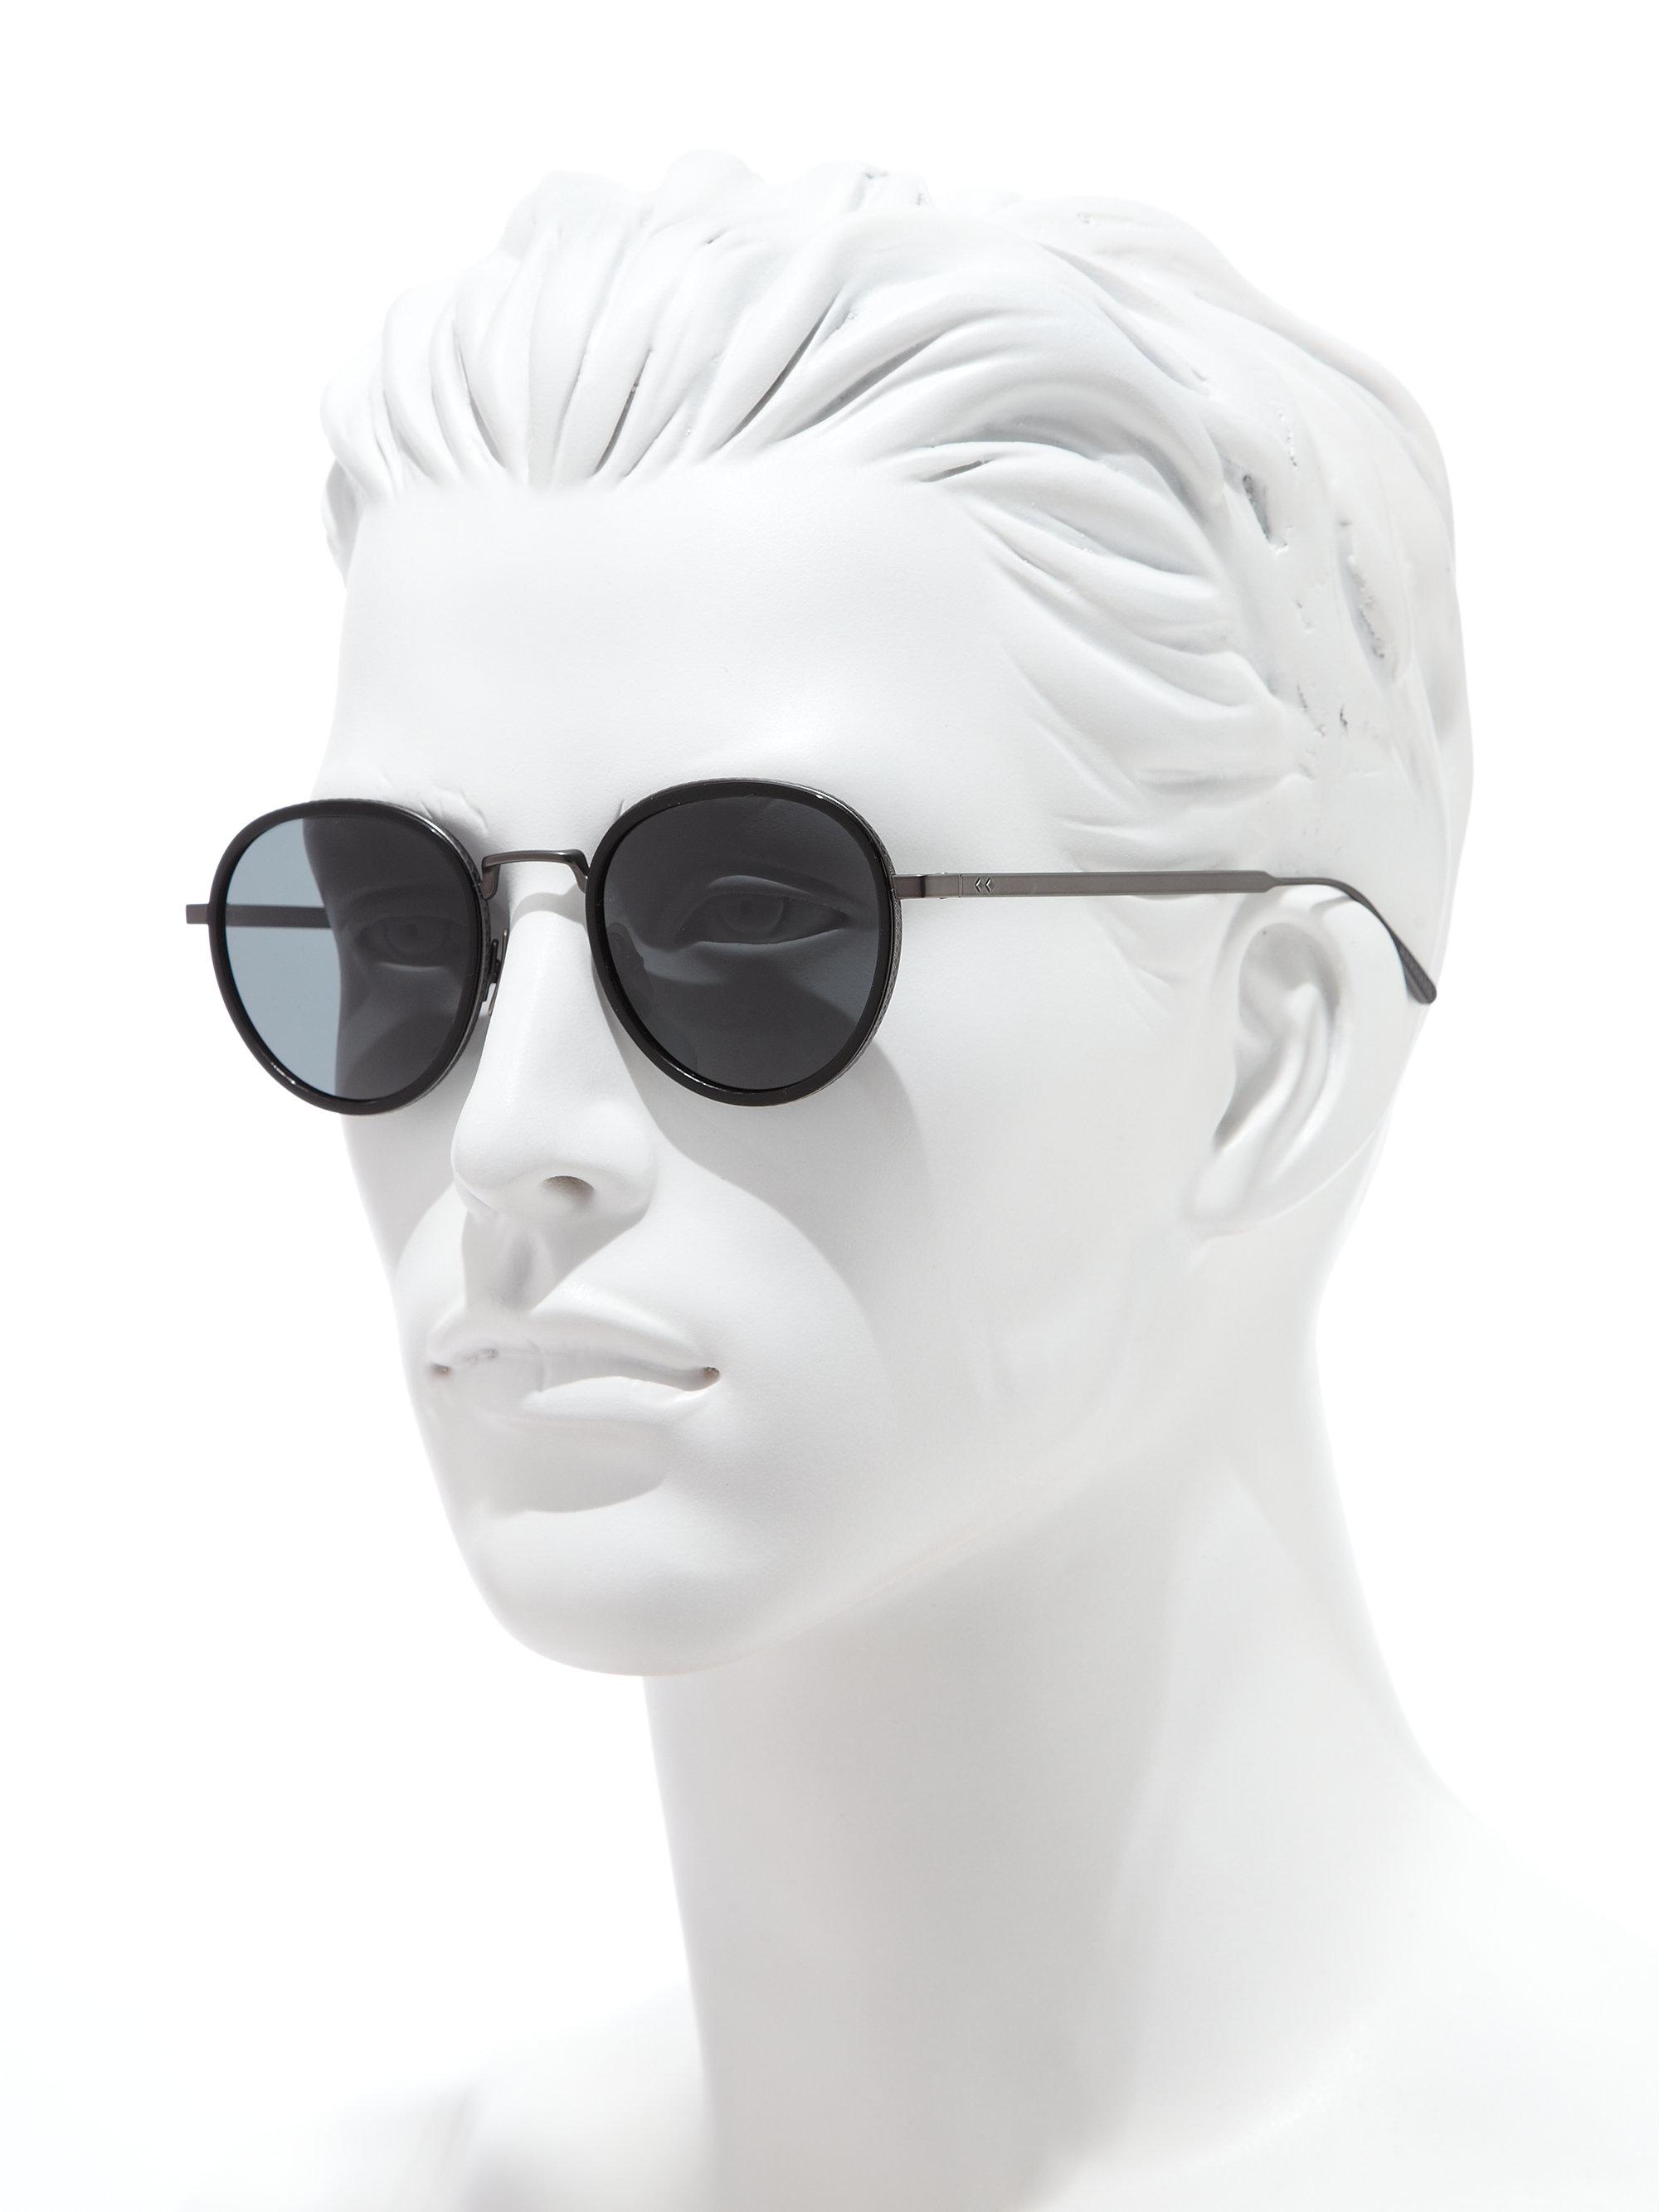 2d320dc03 Bottega Veneta 49mm Round Titanium & Acetate Sunglasses in Gray for ...